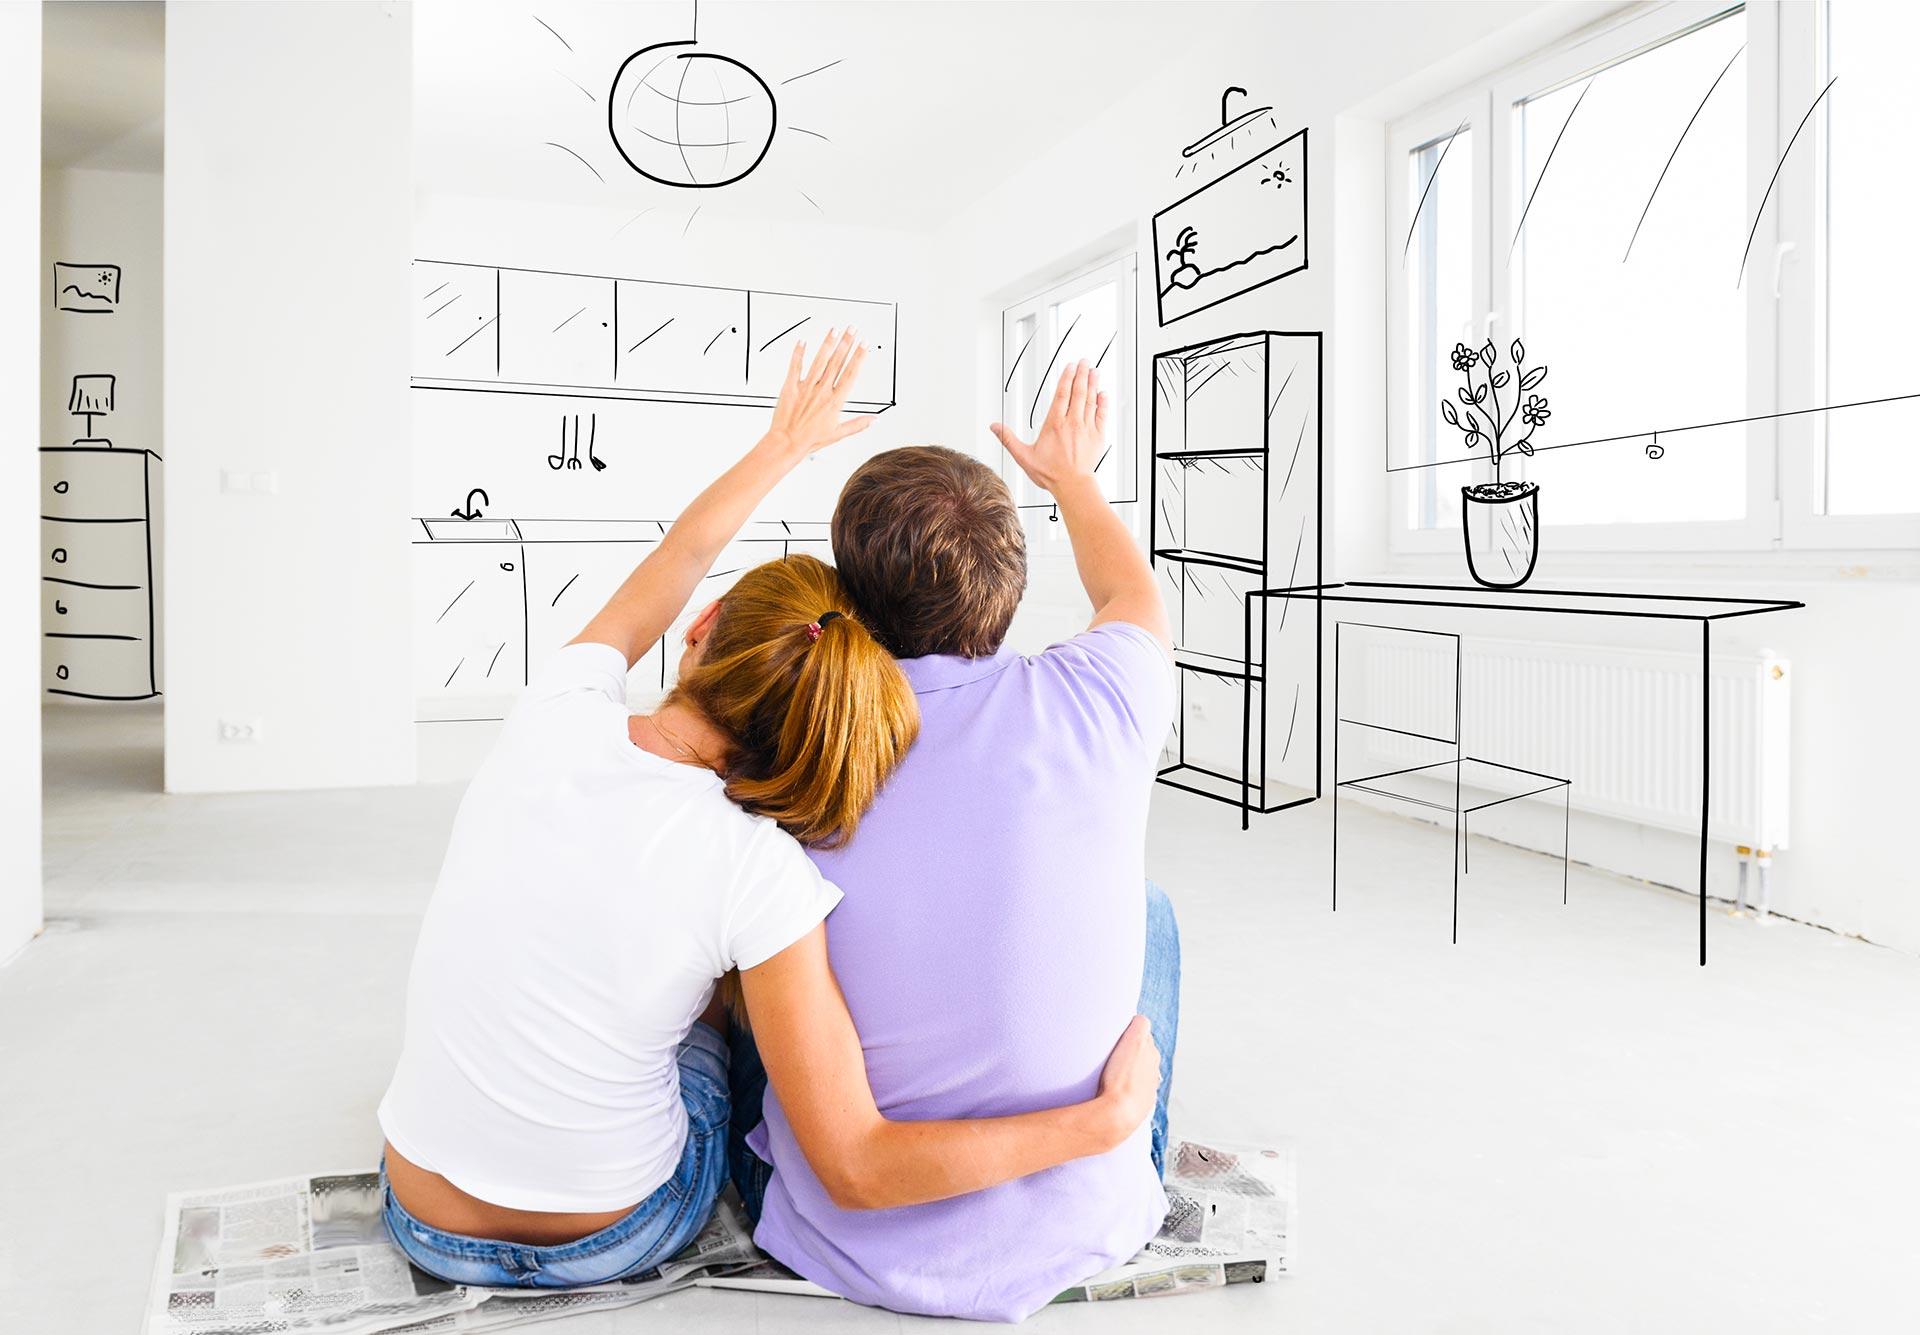 ABCmonTO Courtier crédit immobilier Tours, compare et négocie votre crédit immobilier à Tours (37000)